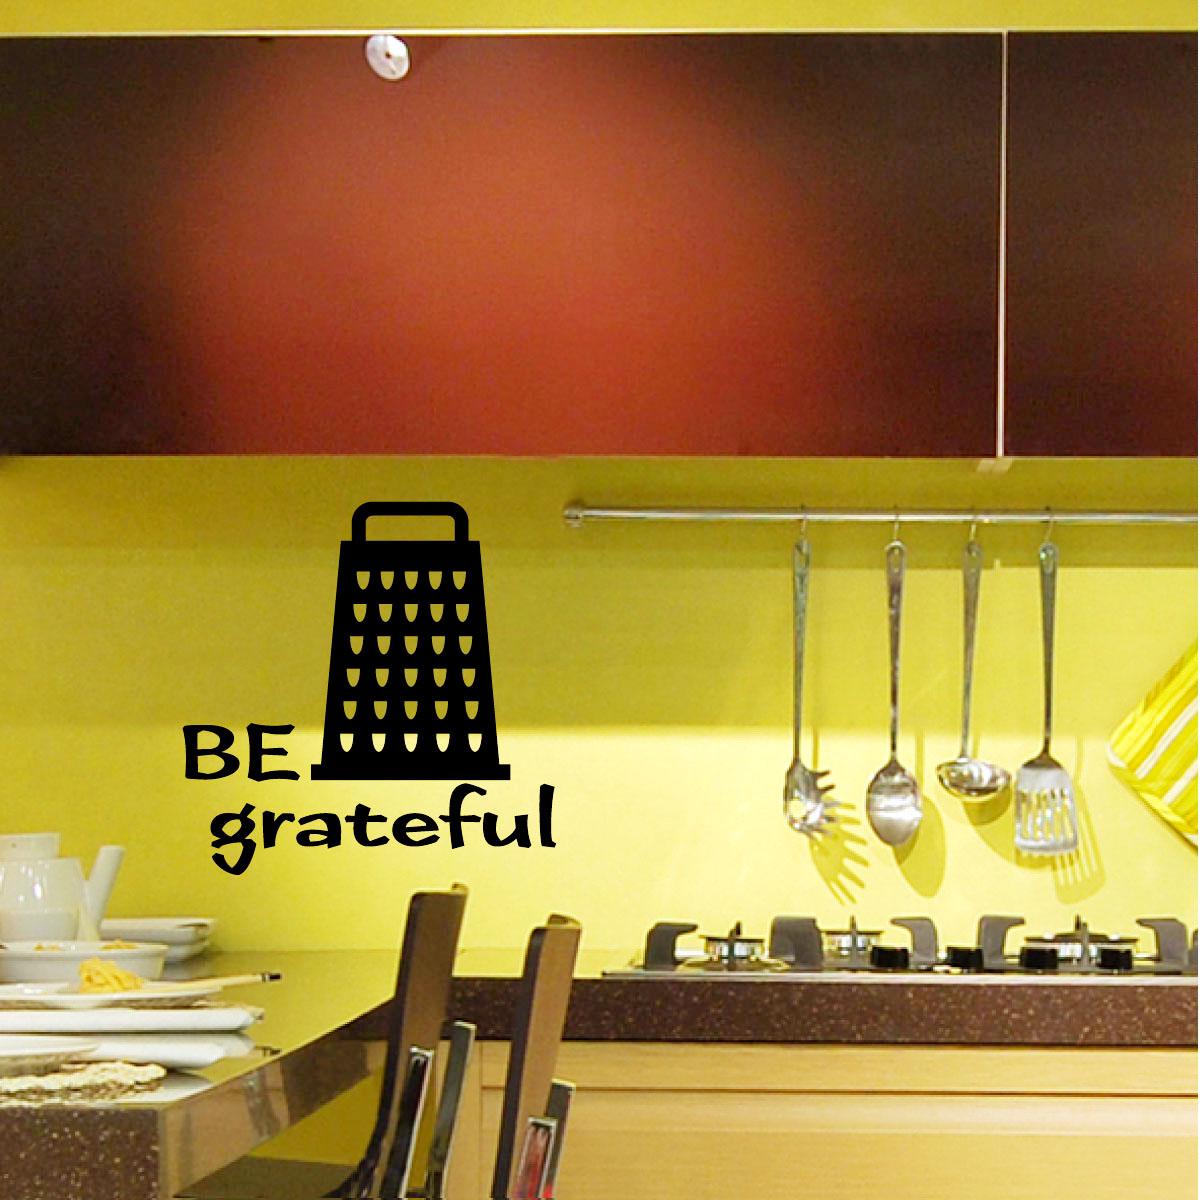 stickers muraux pour la cuisine sticker soyez reconnaissants ambiance. Black Bedroom Furniture Sets. Home Design Ideas